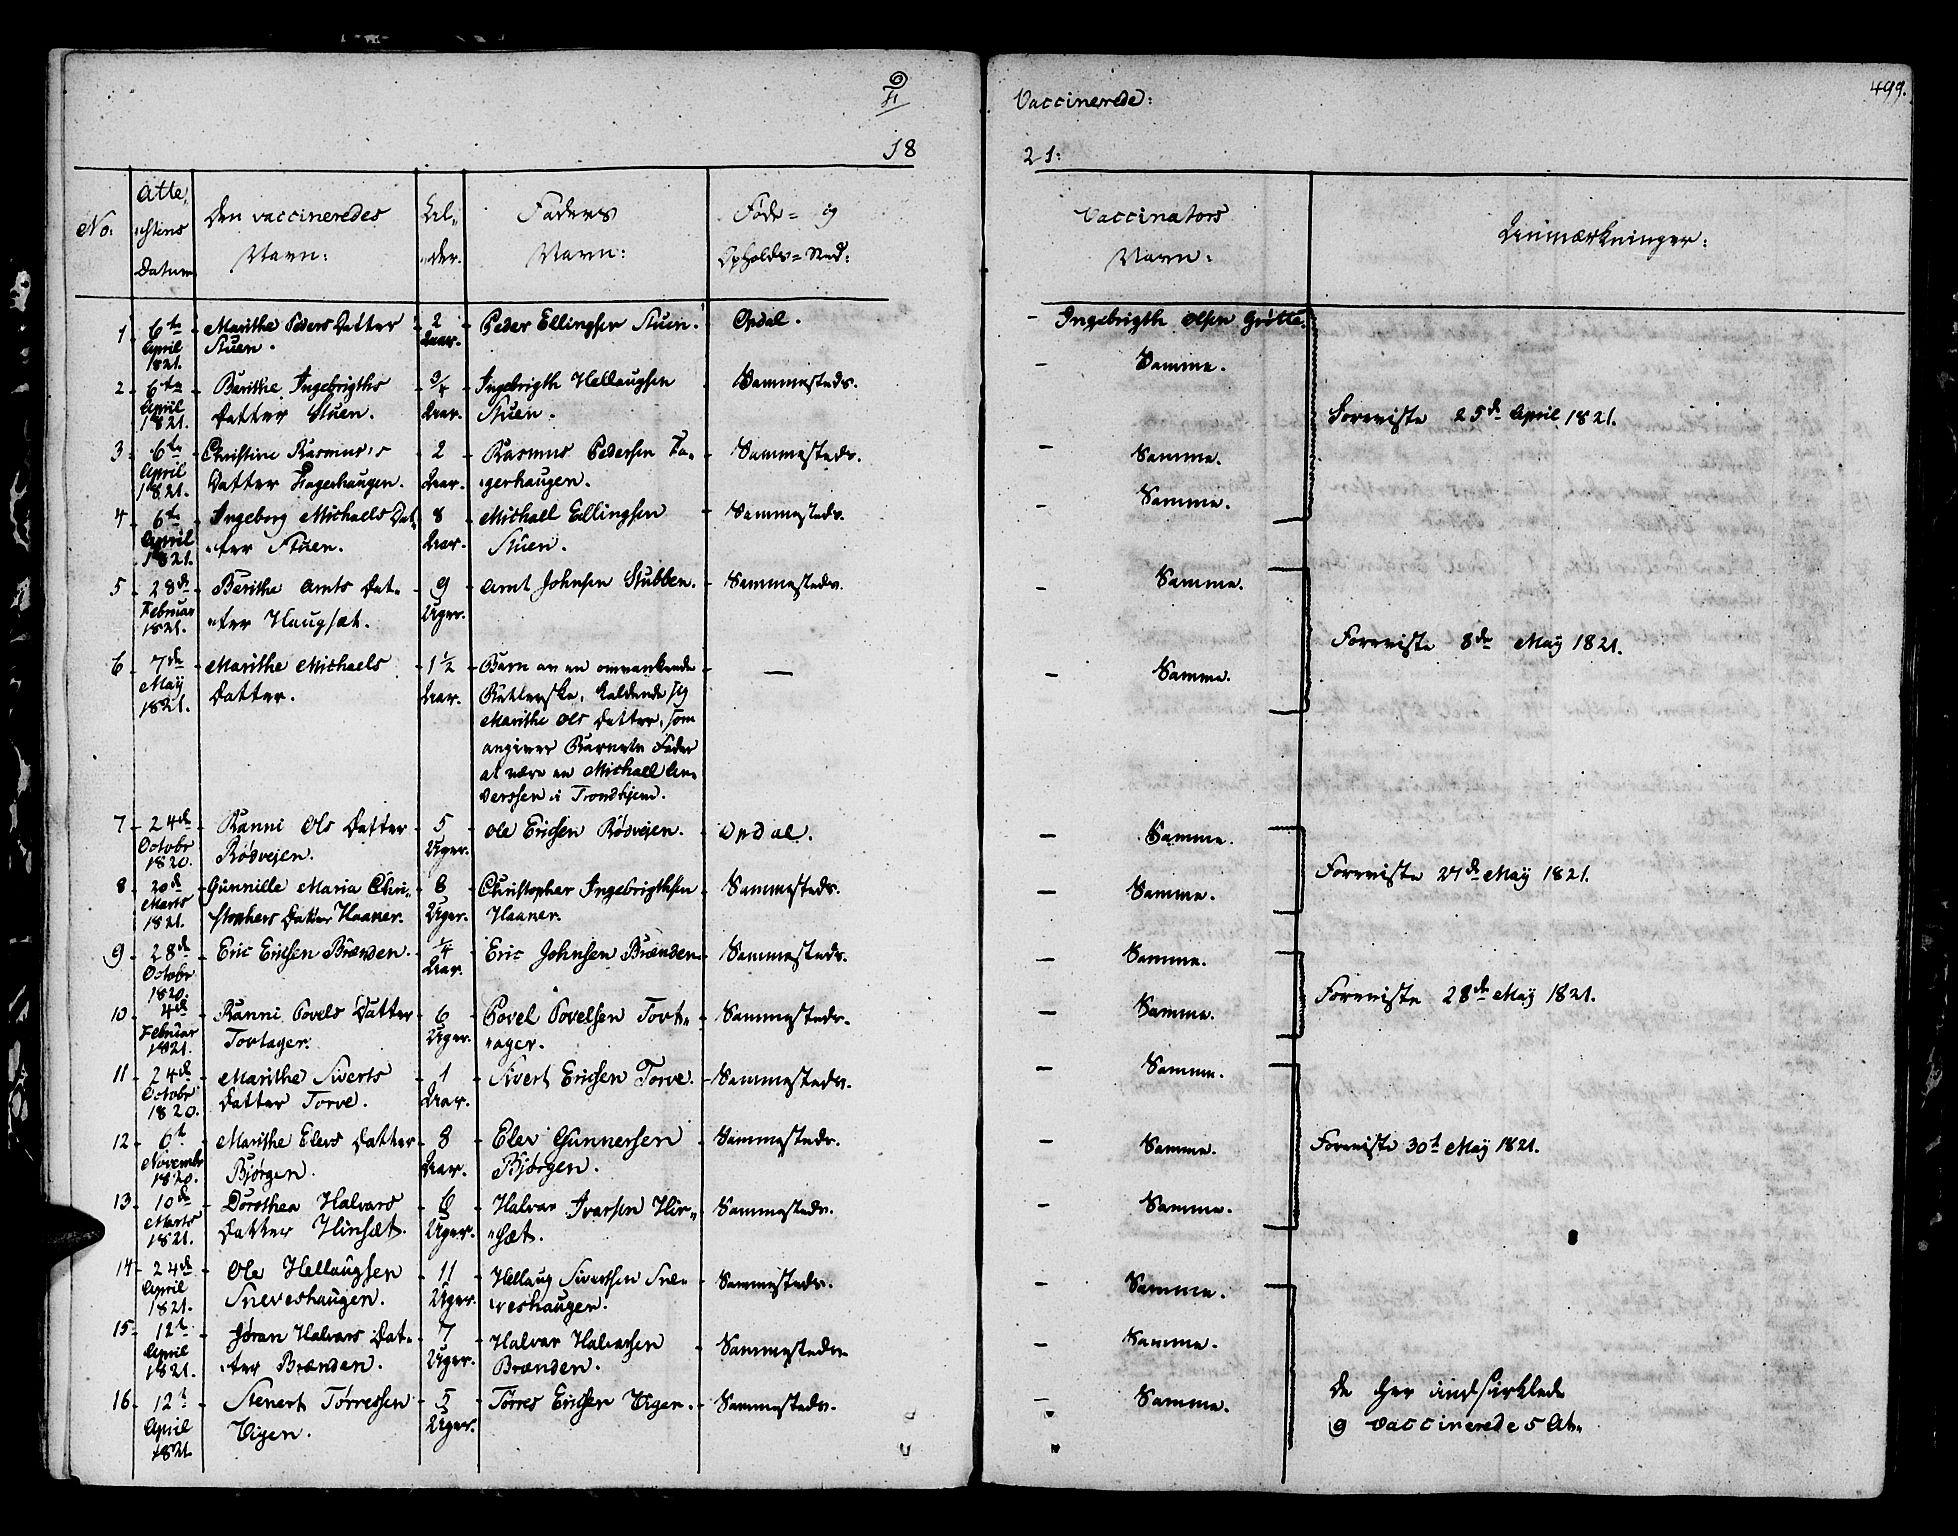 SAT, Ministerialprotokoller, klokkerbøker og fødselsregistre - Sør-Trøndelag, 678/L0897: Ministerialbok nr. 678A06-07, 1821-1847, s. 499